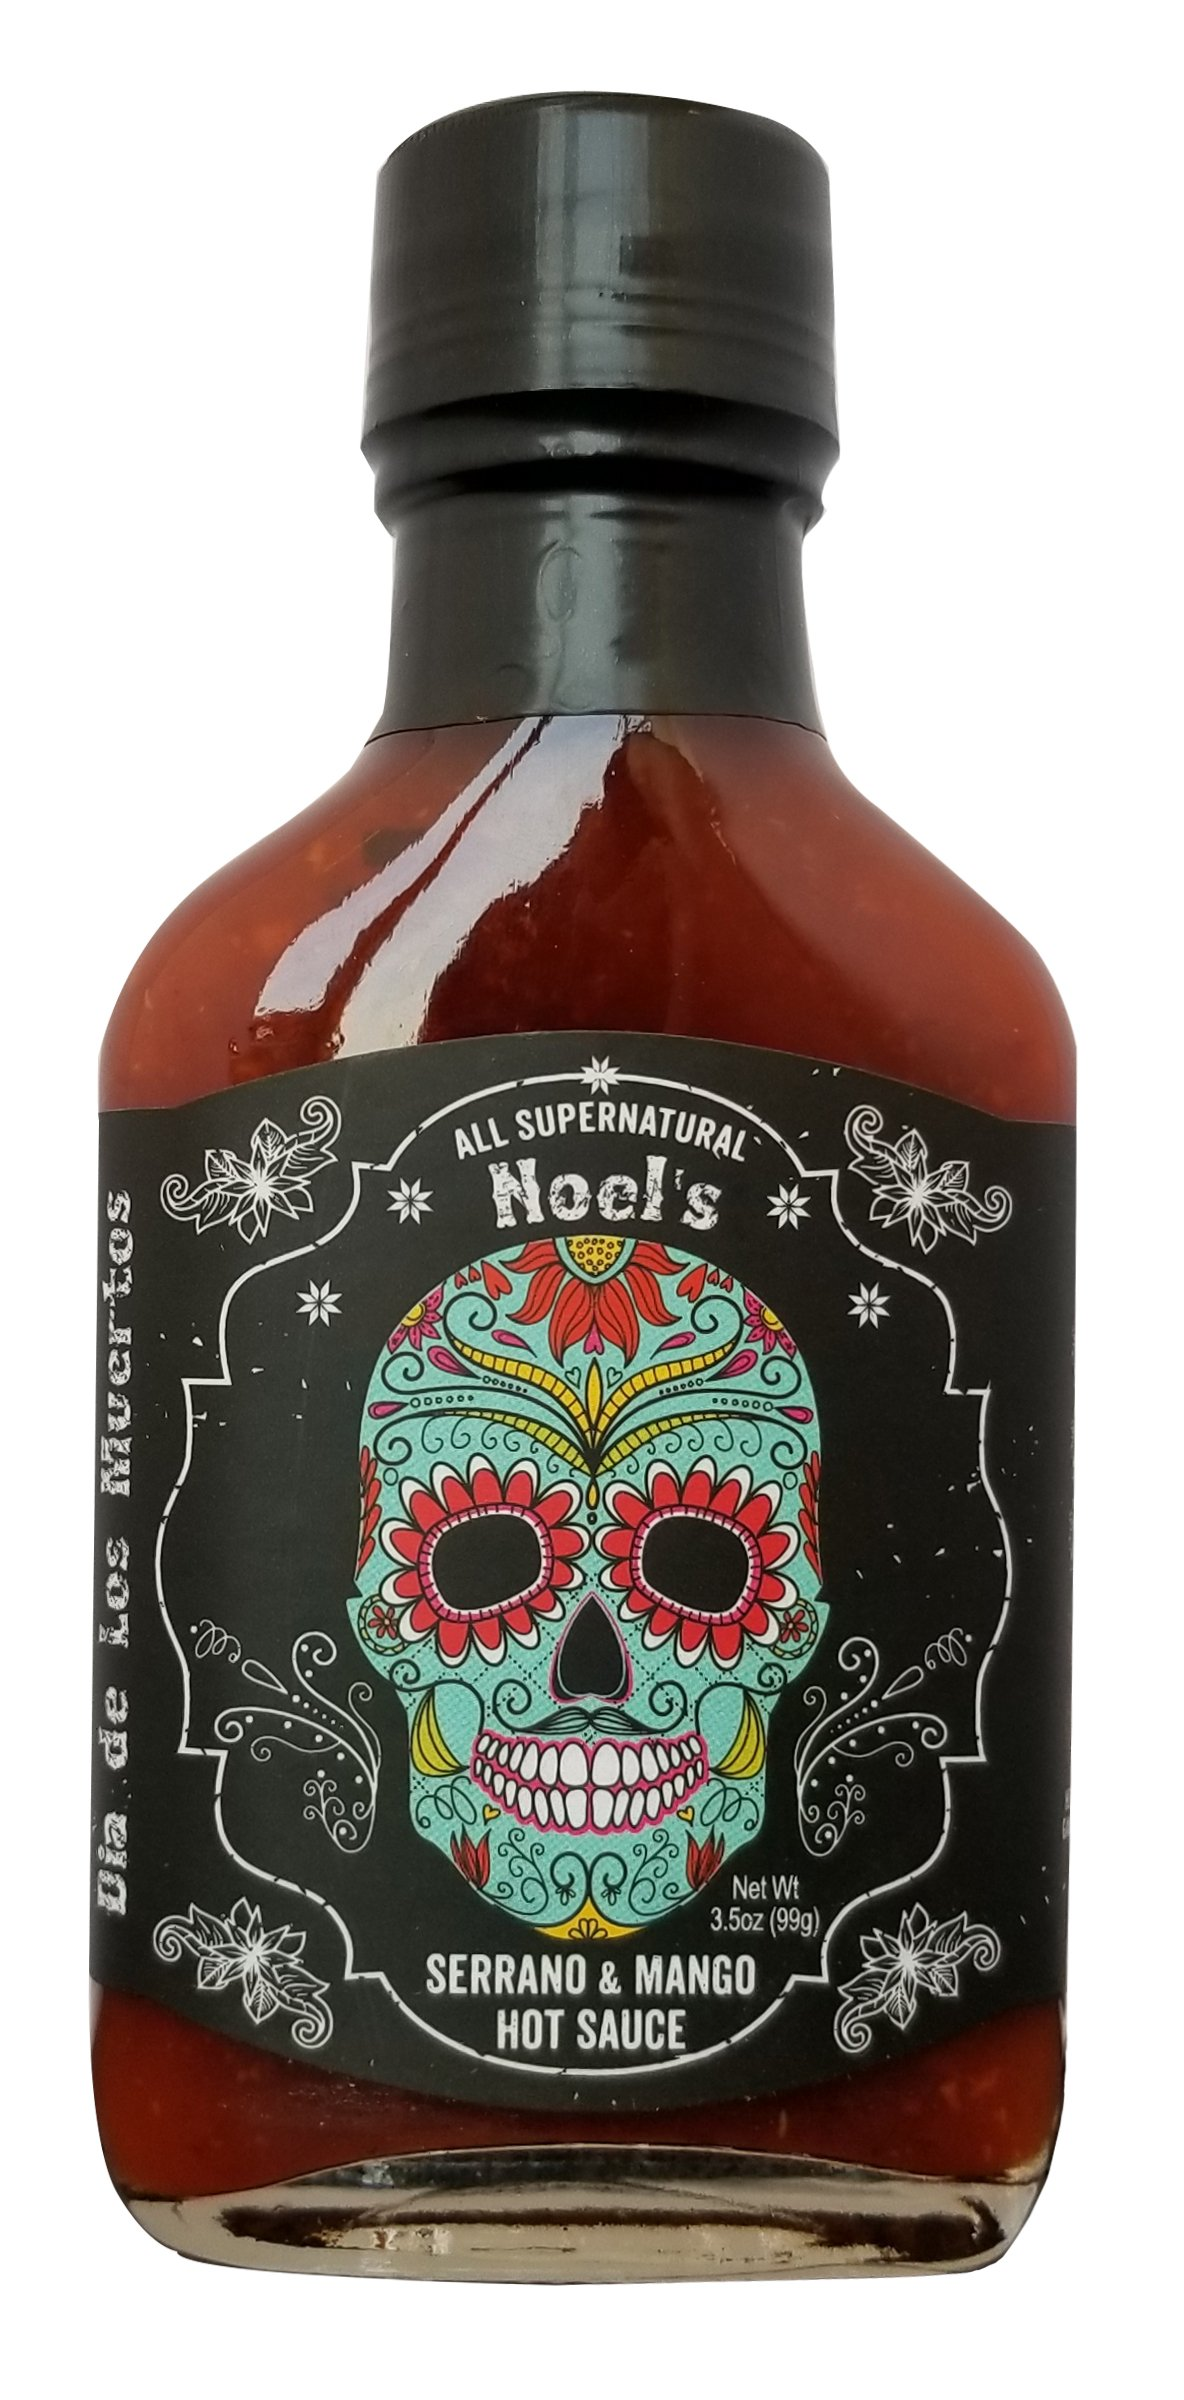 Noel's Dia de Los Muertos''All Supernatural'' Serrano & Mango Hot Sauce, 3.5 Ounce